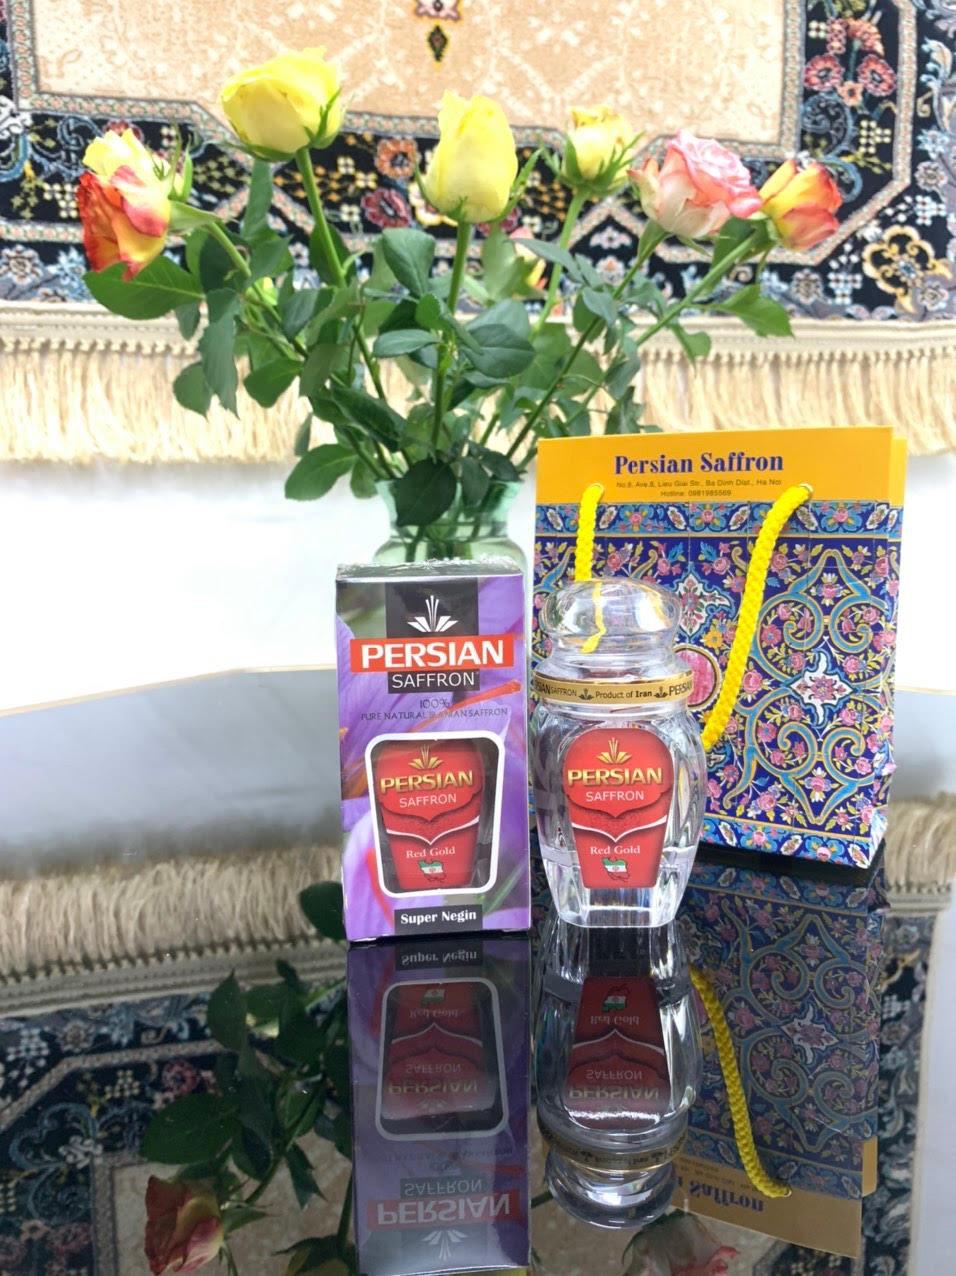 Nhụy hoa nghệ tây Iran Persian Saffron